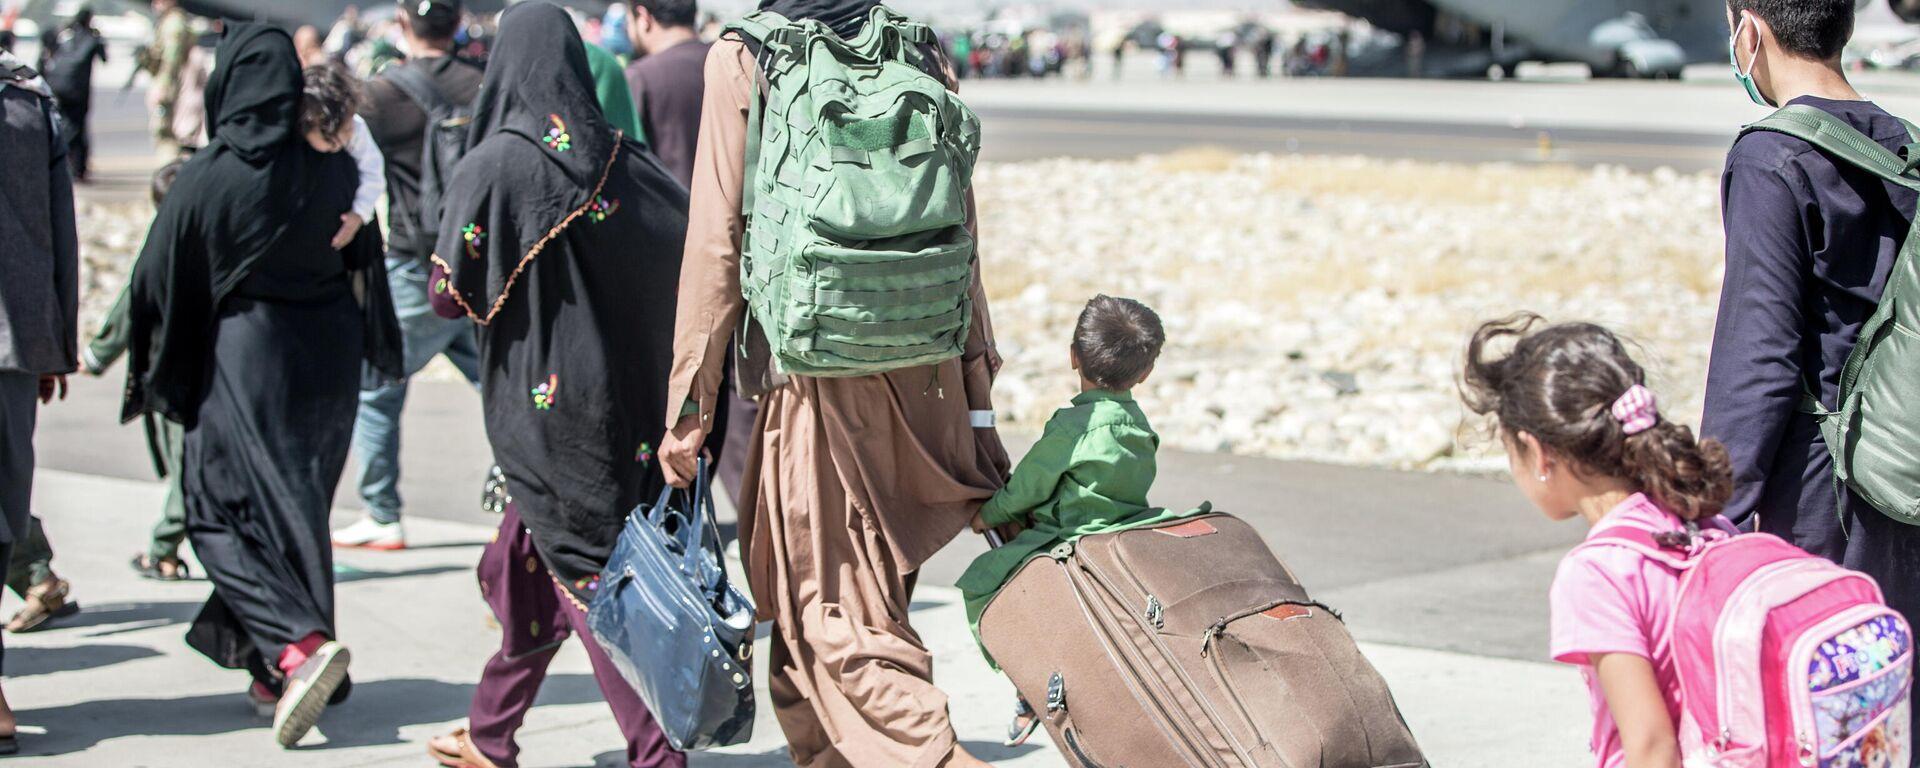 Эвакуация в аэропорту Кабула - Sputnik Ўзбекистон, 1920, 02.09.2021